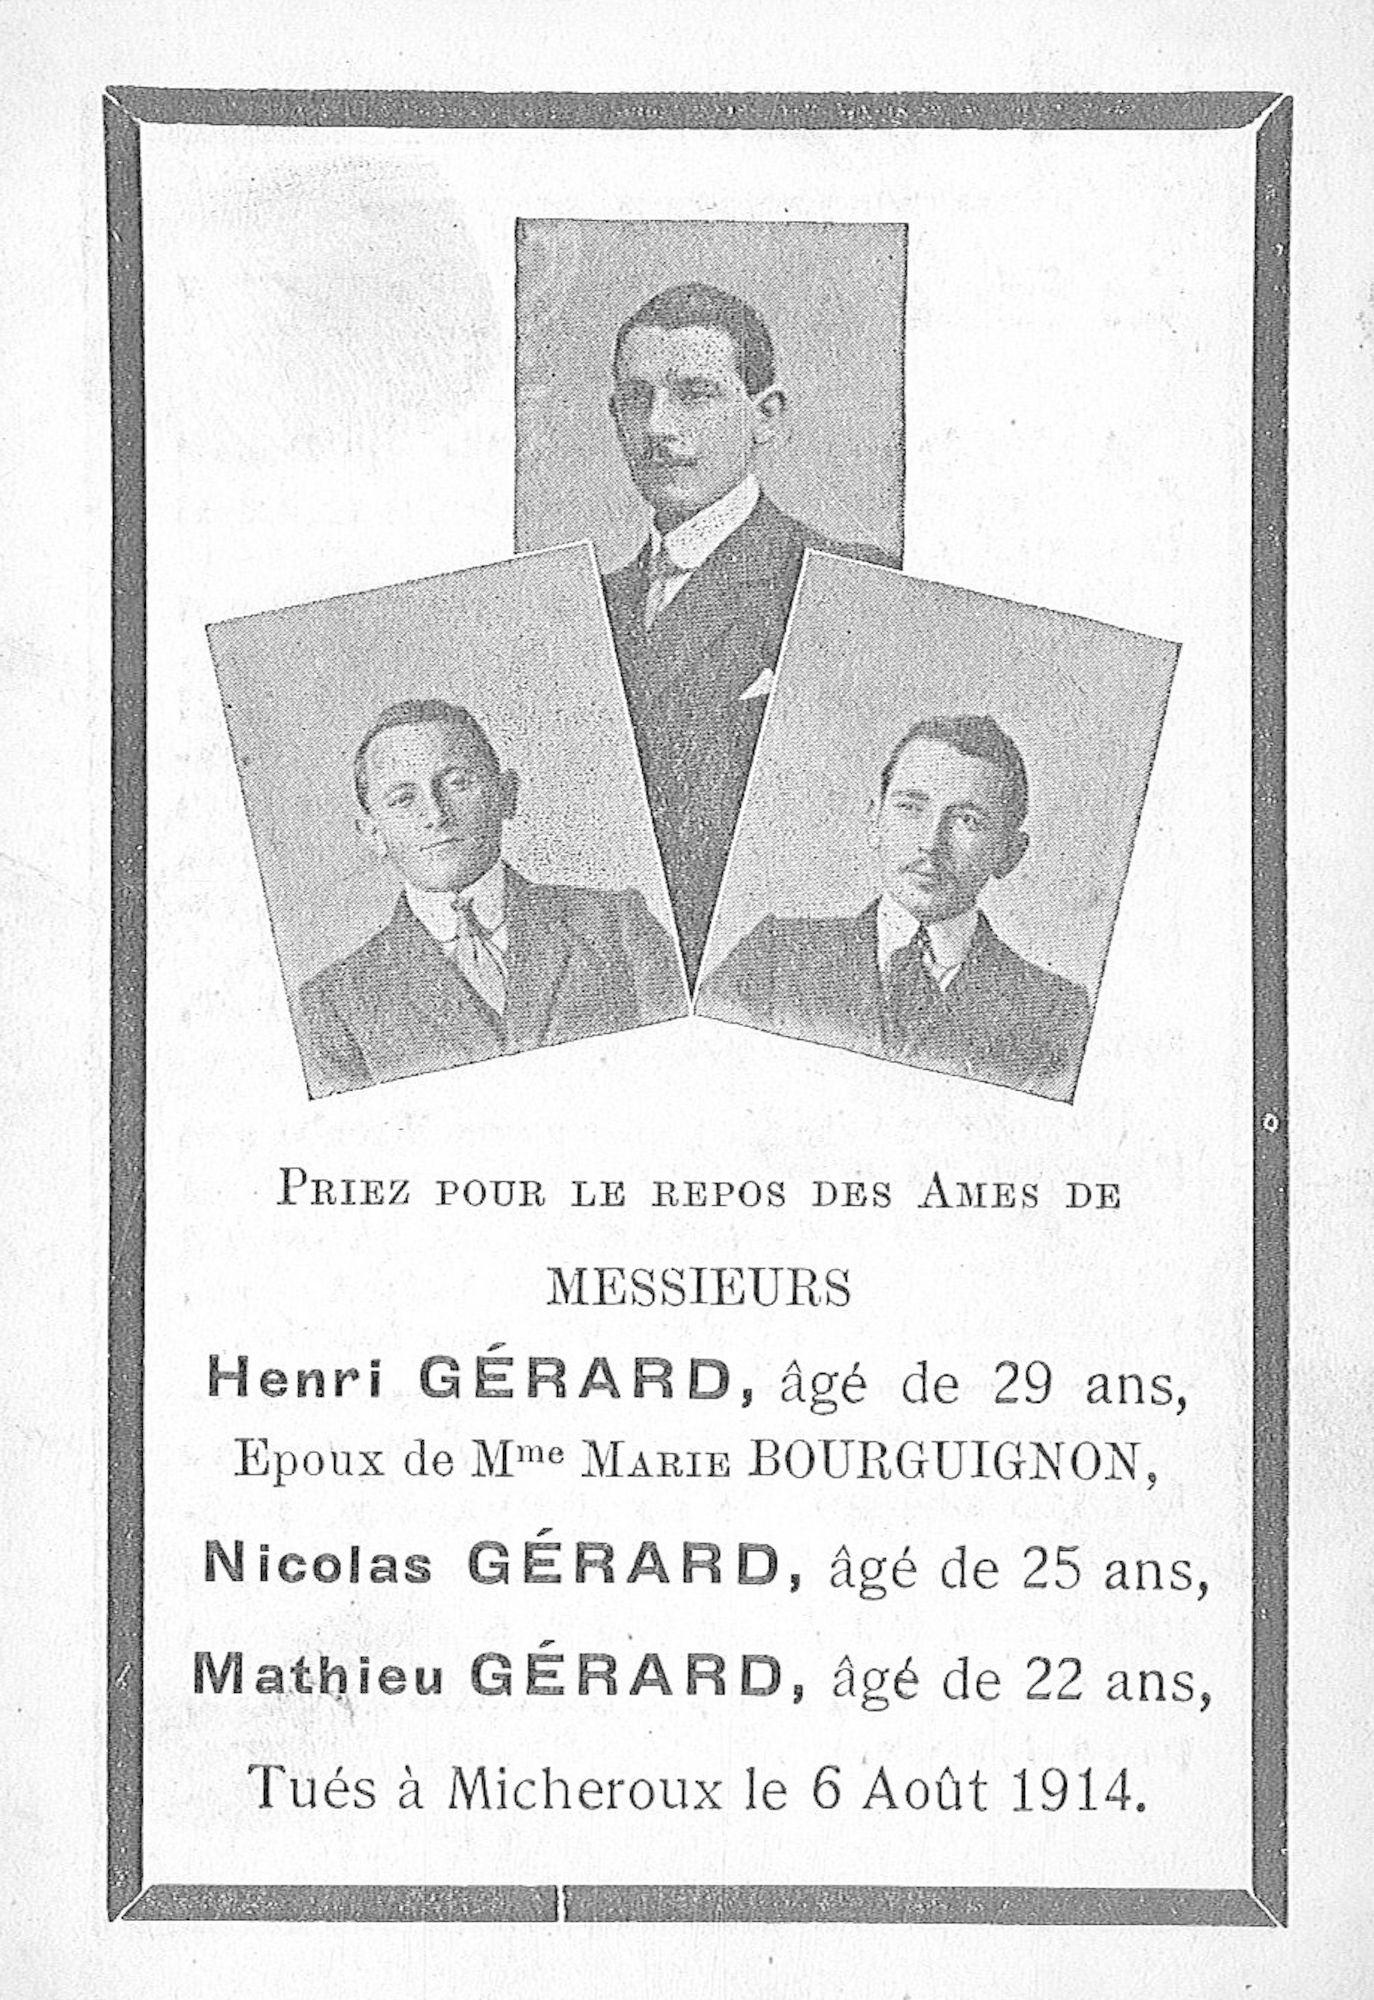 Nicolas Gérard